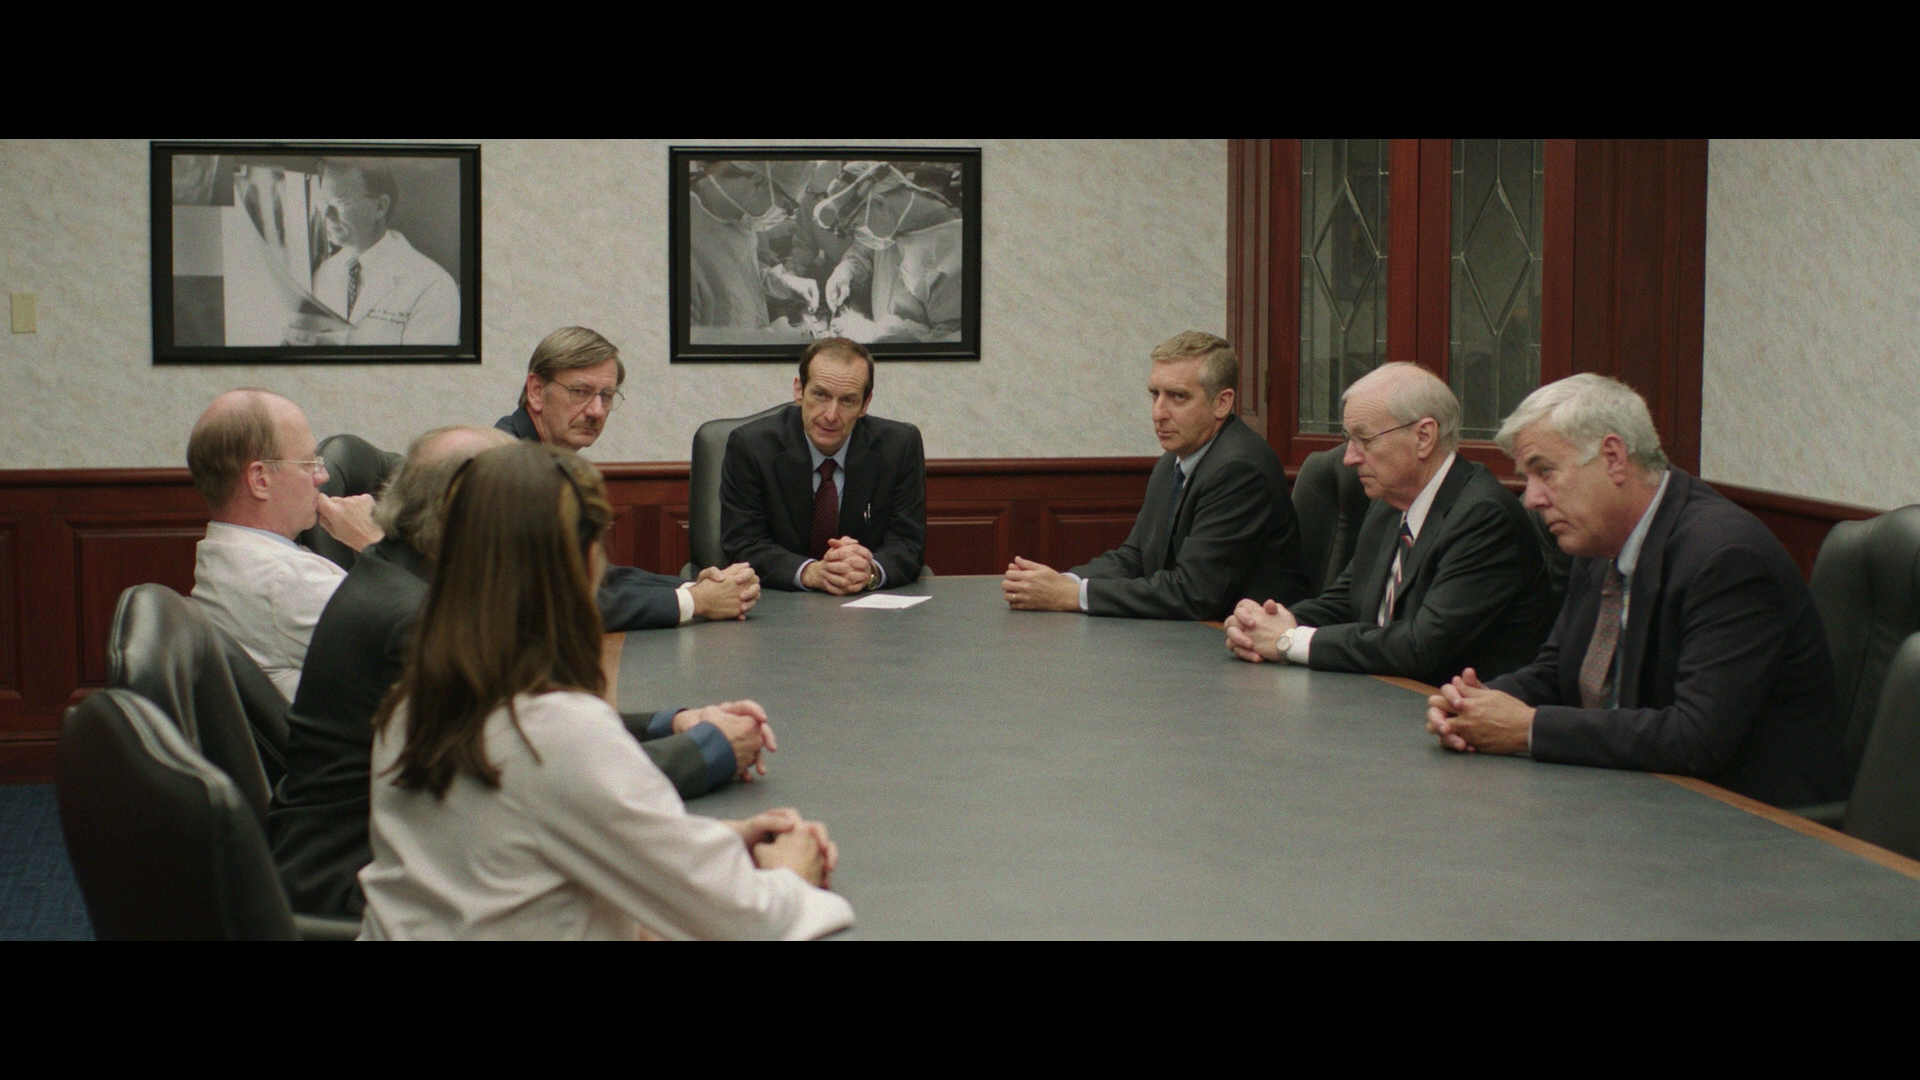 Далласский клуб покупателей / Dallas Buyers Club (2013) BDRemux 1080p